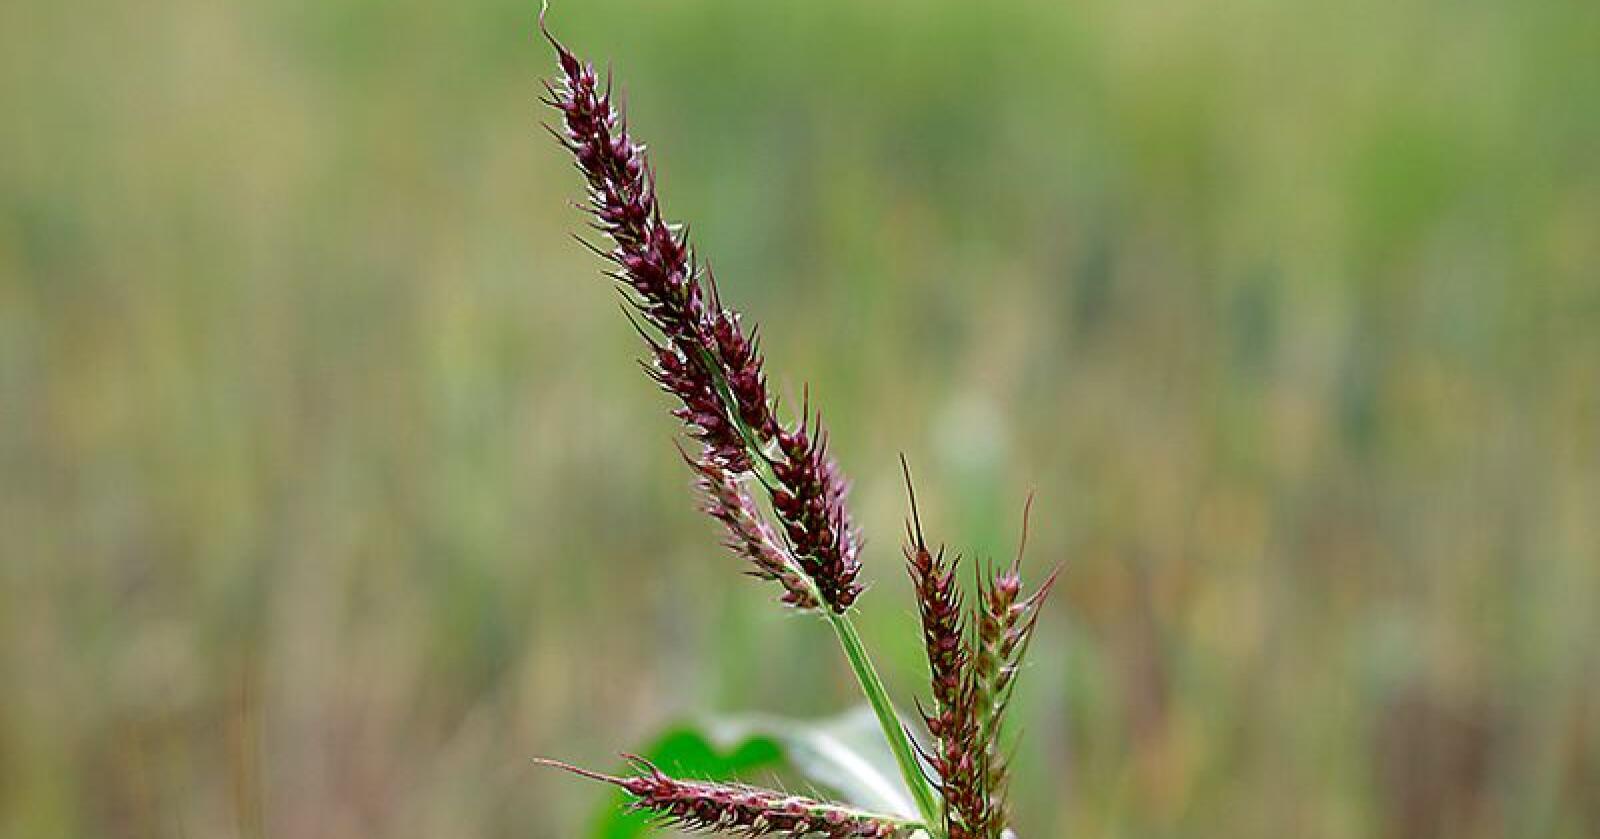 Hønsehirse (Echinochloa crus-galli) øker i utbredelse og er mange steder nå et problemugras i flere kulturer. Regelverket skal hindre spredning av floghavre, hønsehirse og andre frøoverførte sjukdommer. (Arkivfoto)